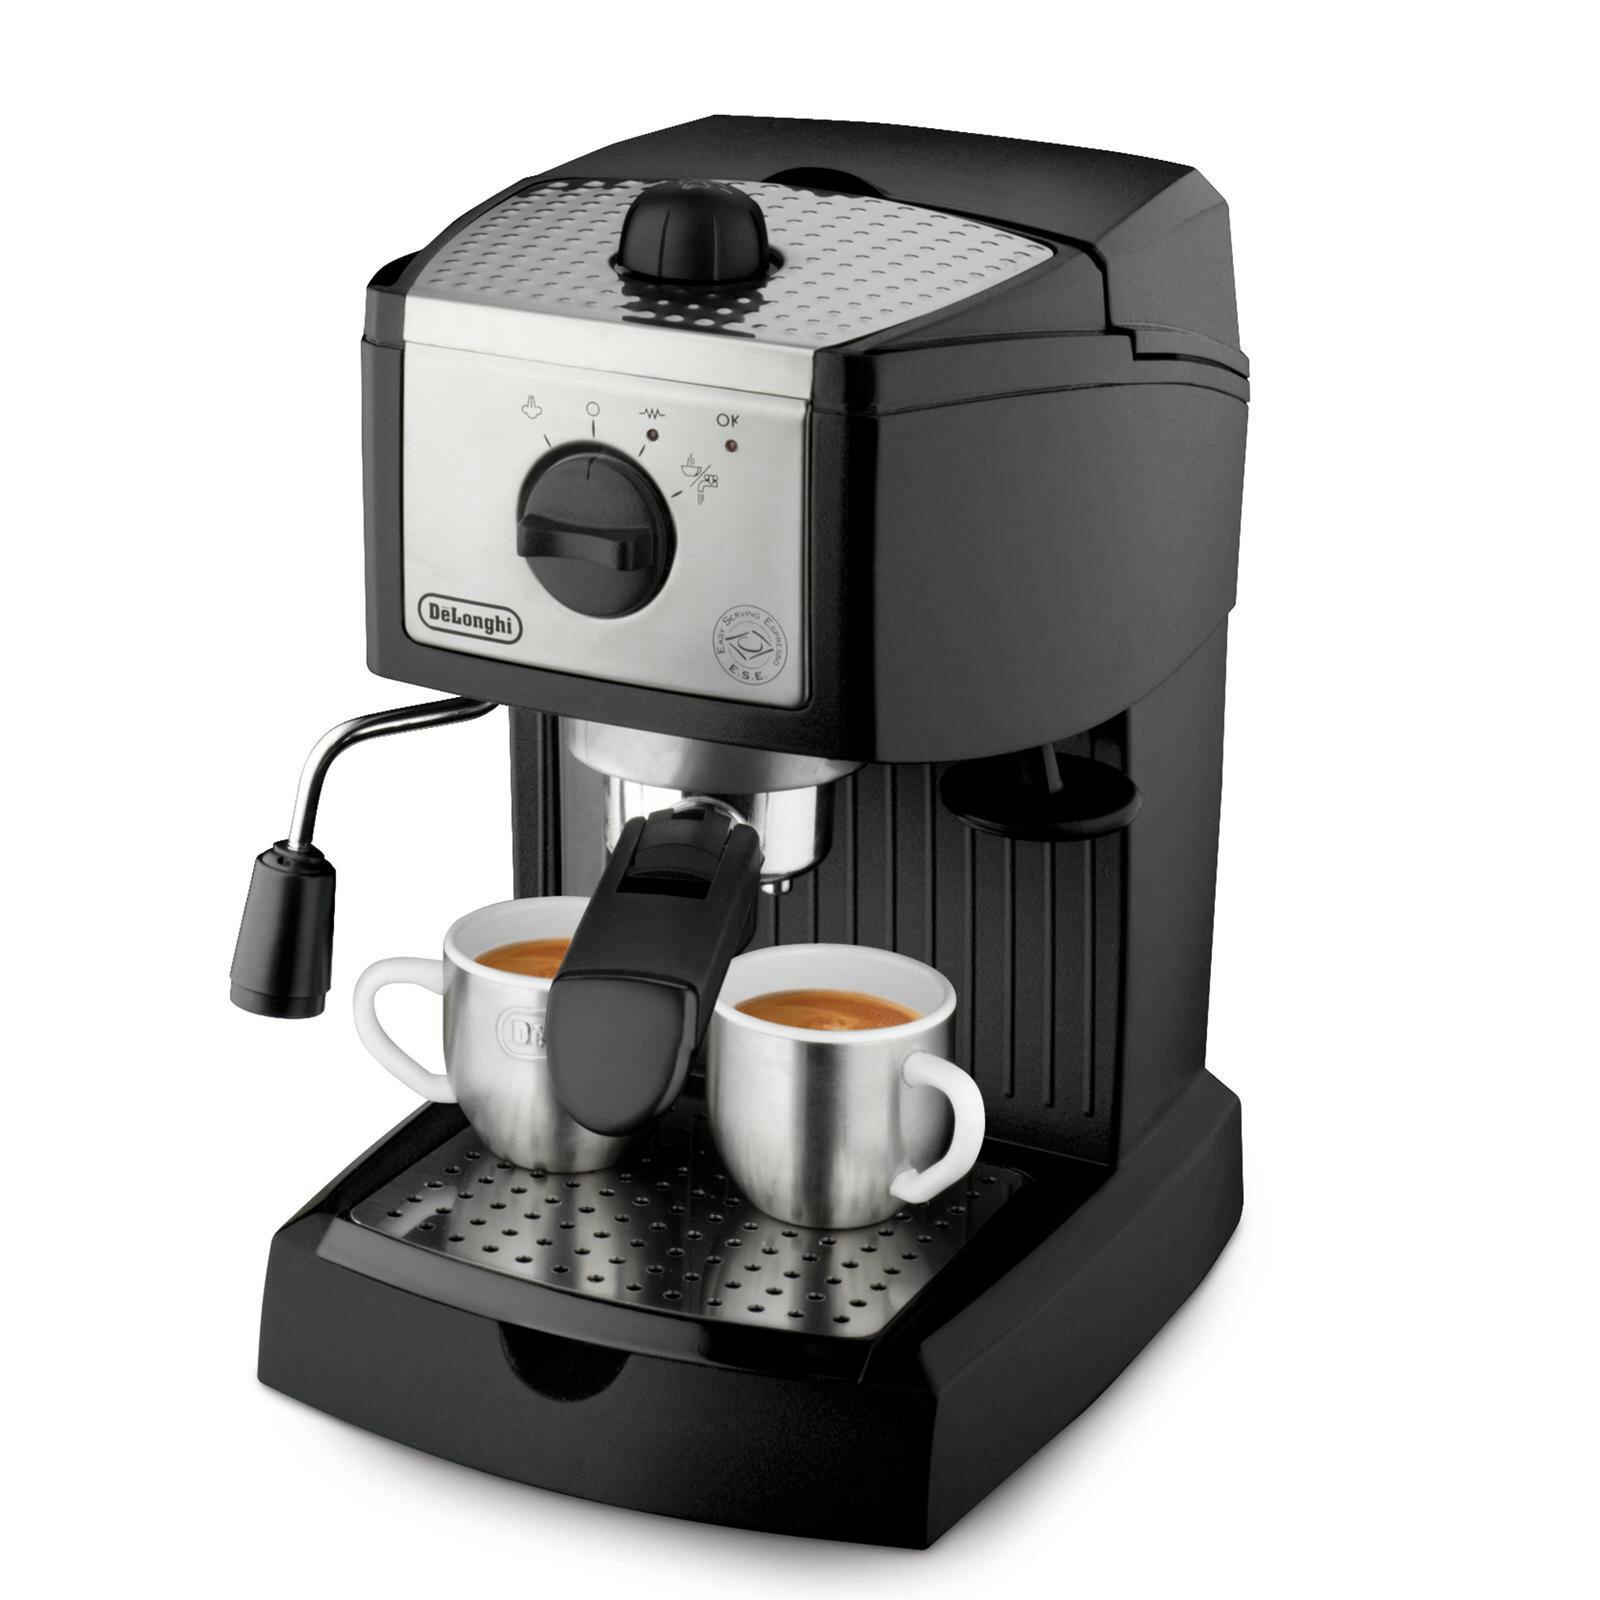 迪朗奇 Delonghi 義式濃縮半自動咖啡機 EC155